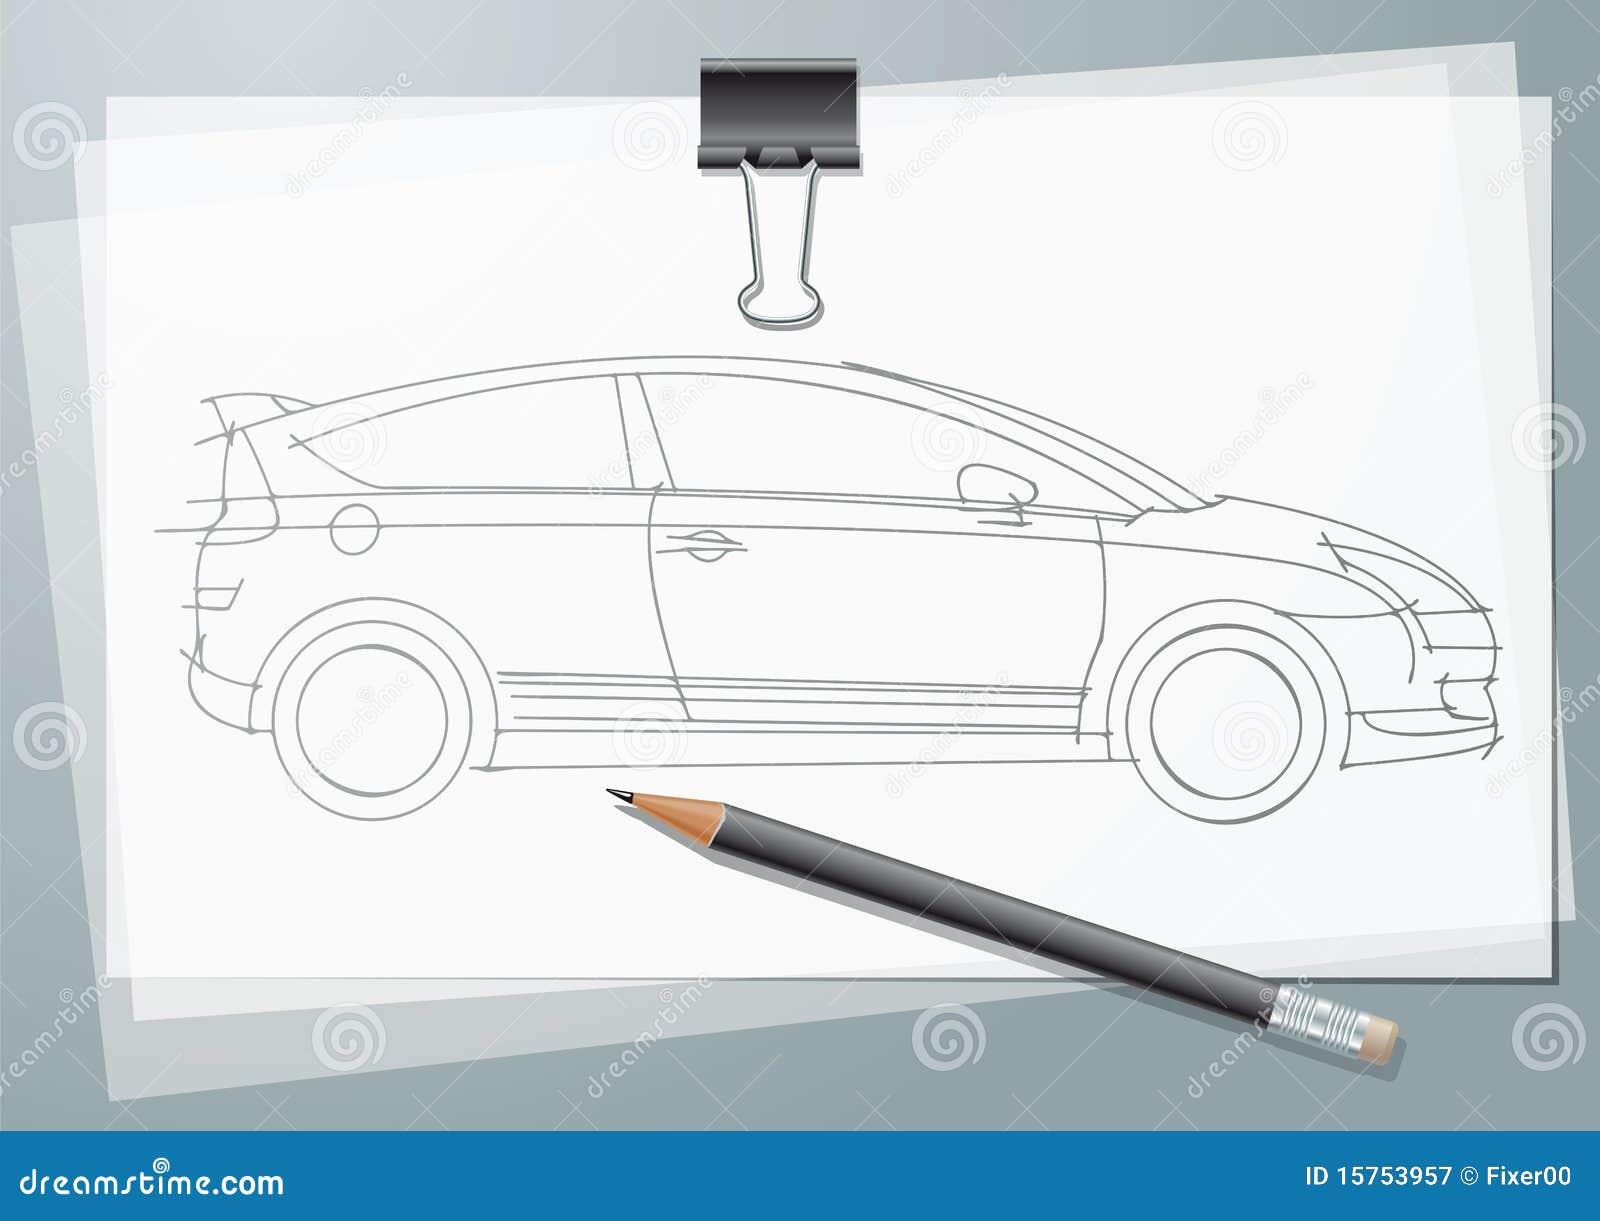 Nett Wie Man Auto Skizziert Galerie - Schaltplan Serie Circuit ...